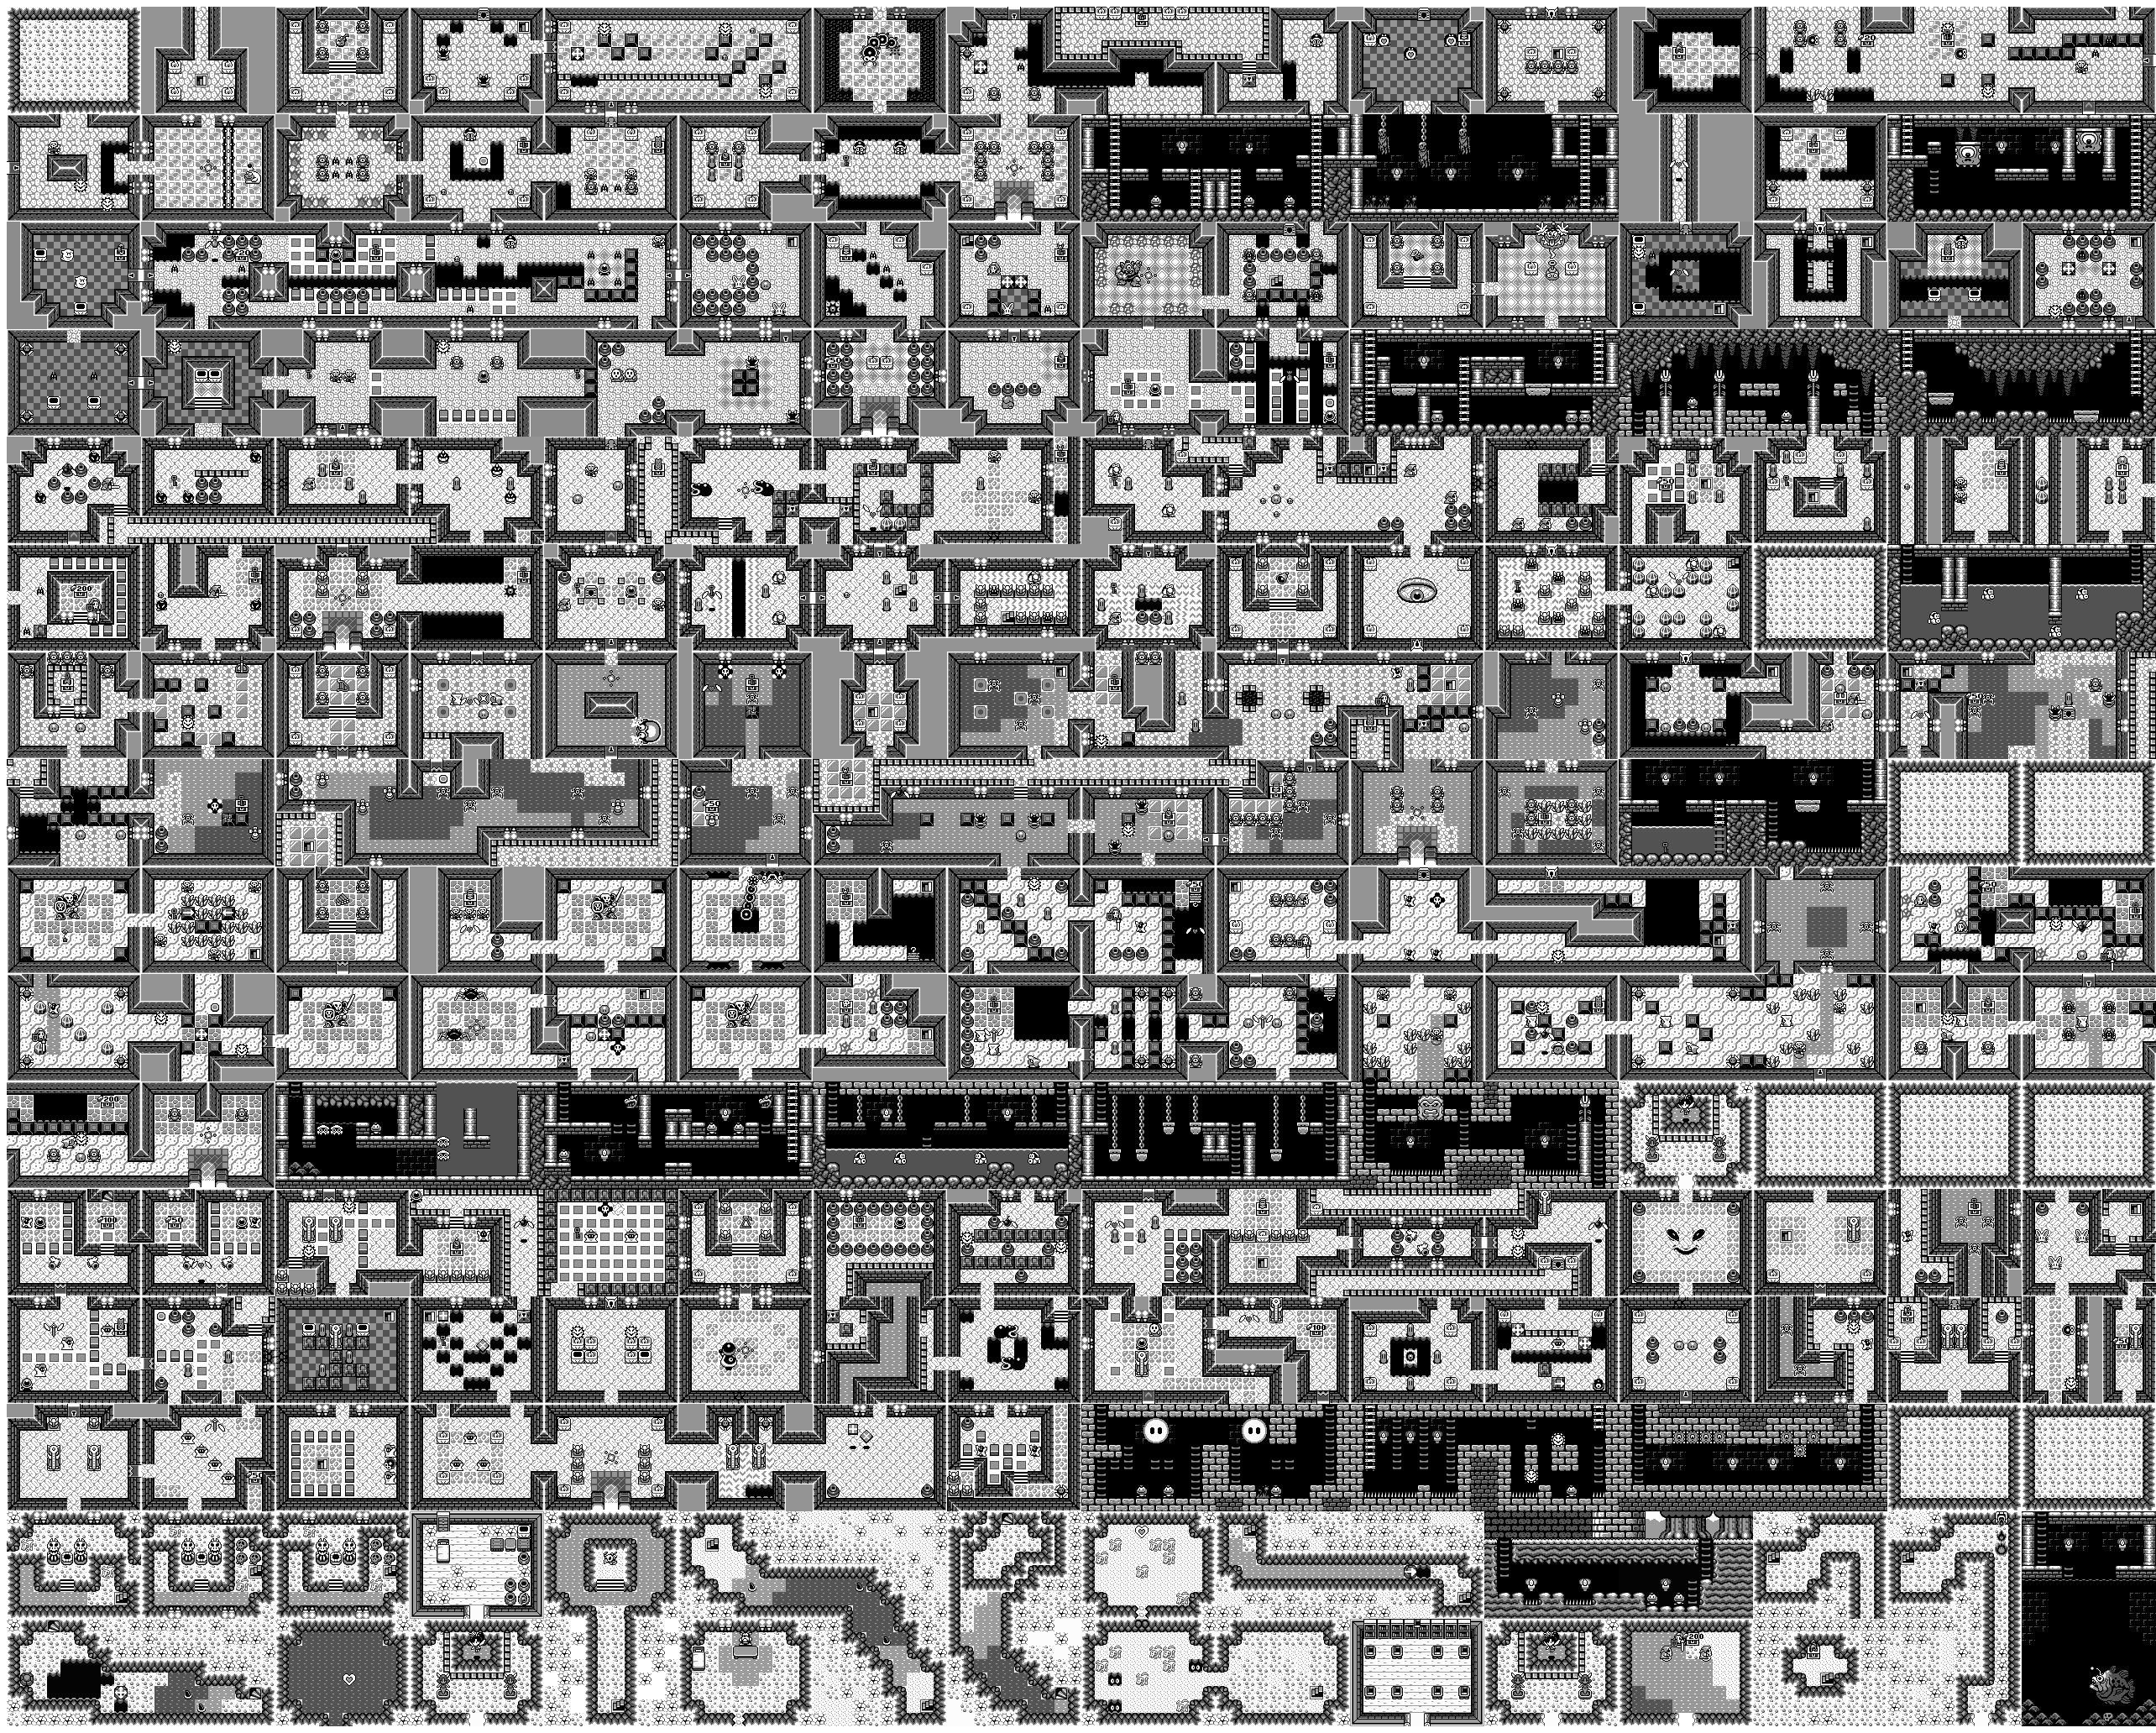 In-Game Maps - ZeldaSpeedRuns